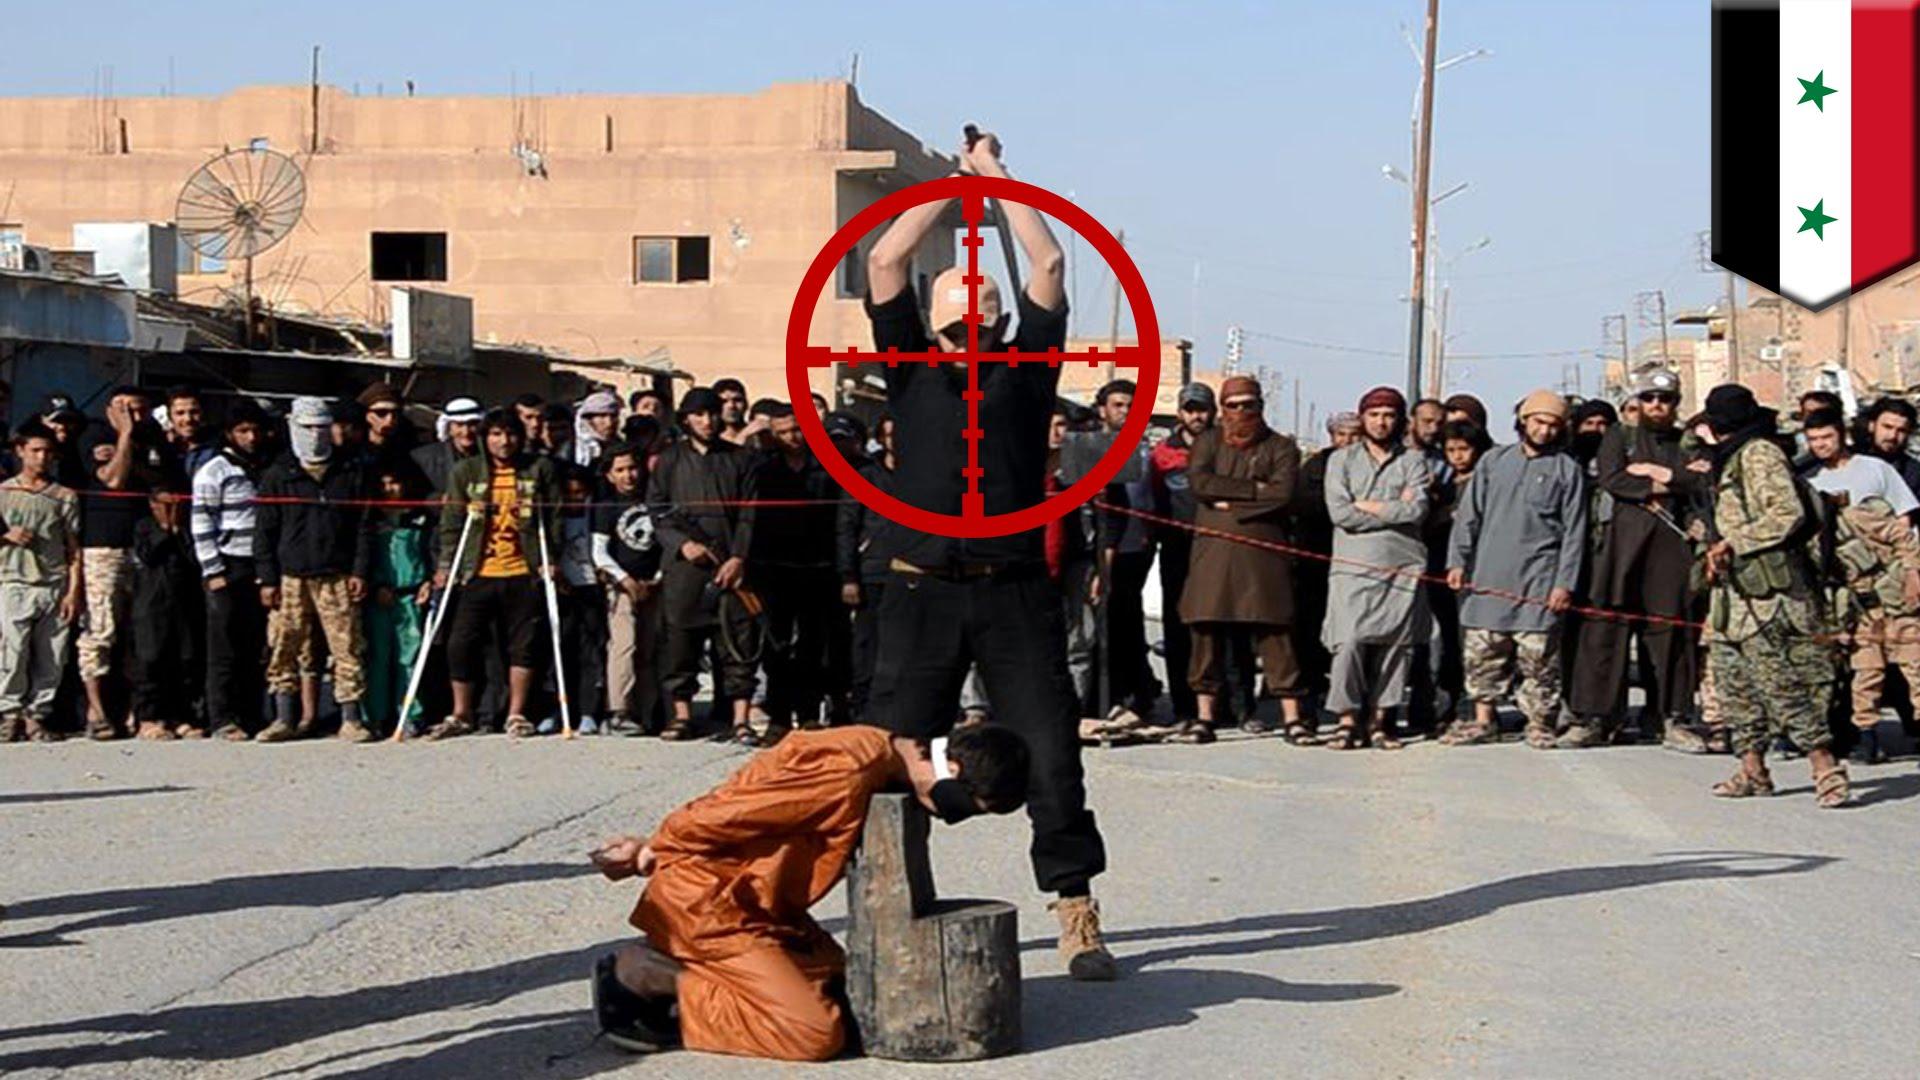 قناص يفجر رأس داعشي قبل تنفيذه عملية الإعدام